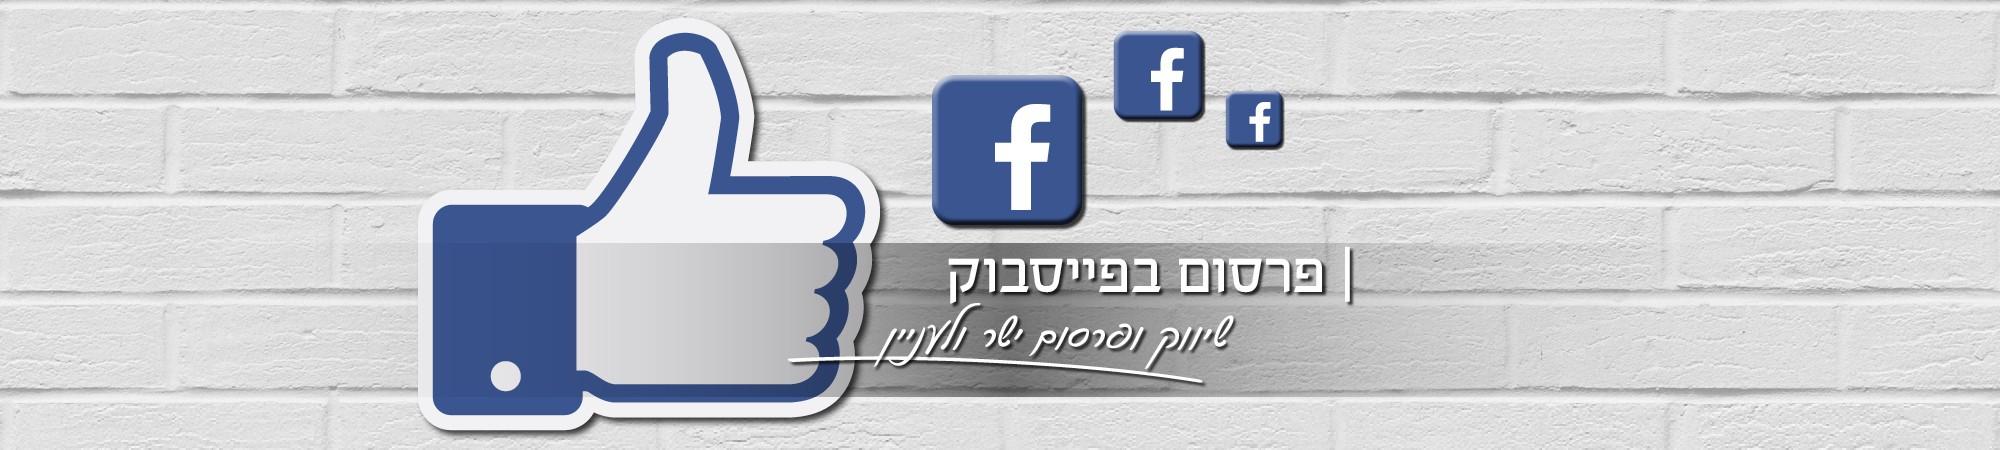 פרסום בפייסבוק - שיווק ופרסום ישר ולעניין